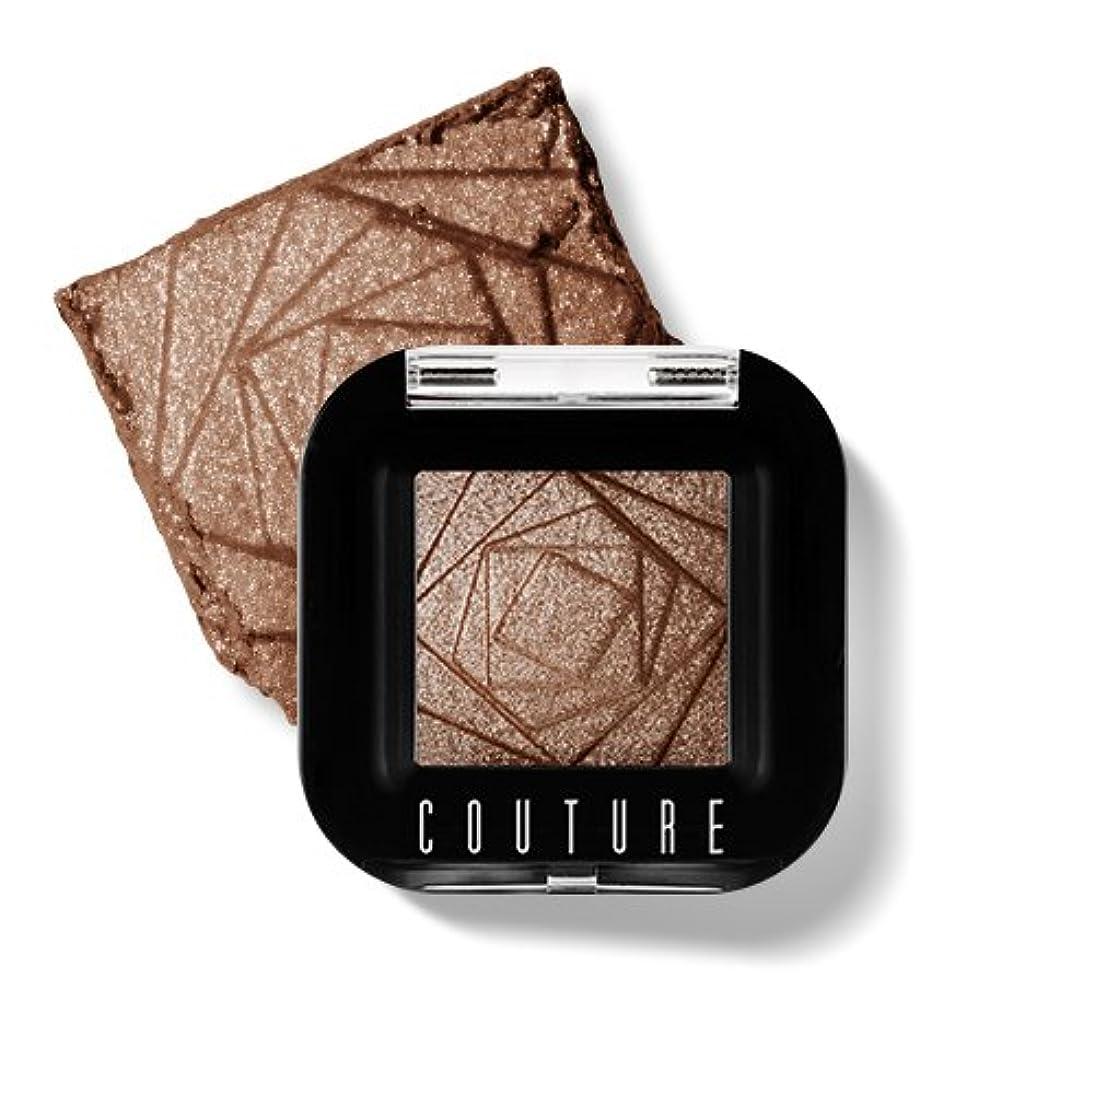 チューリップアンプ所有権APIEU Couture Shadow (# 10) /アピュ/オピュ クチュールシャドウ [並行輸入品]